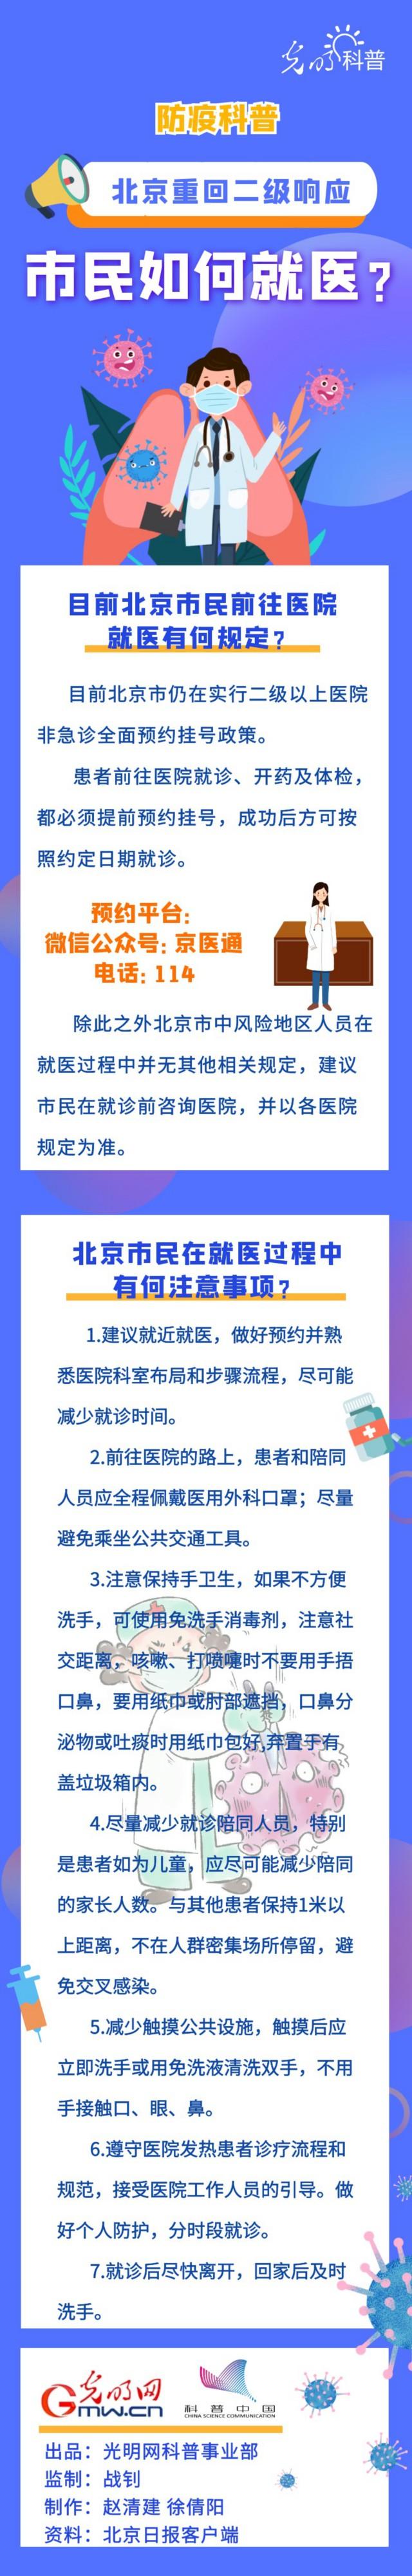 【防疫科普】北京二级响应状态下 市民如何就医?